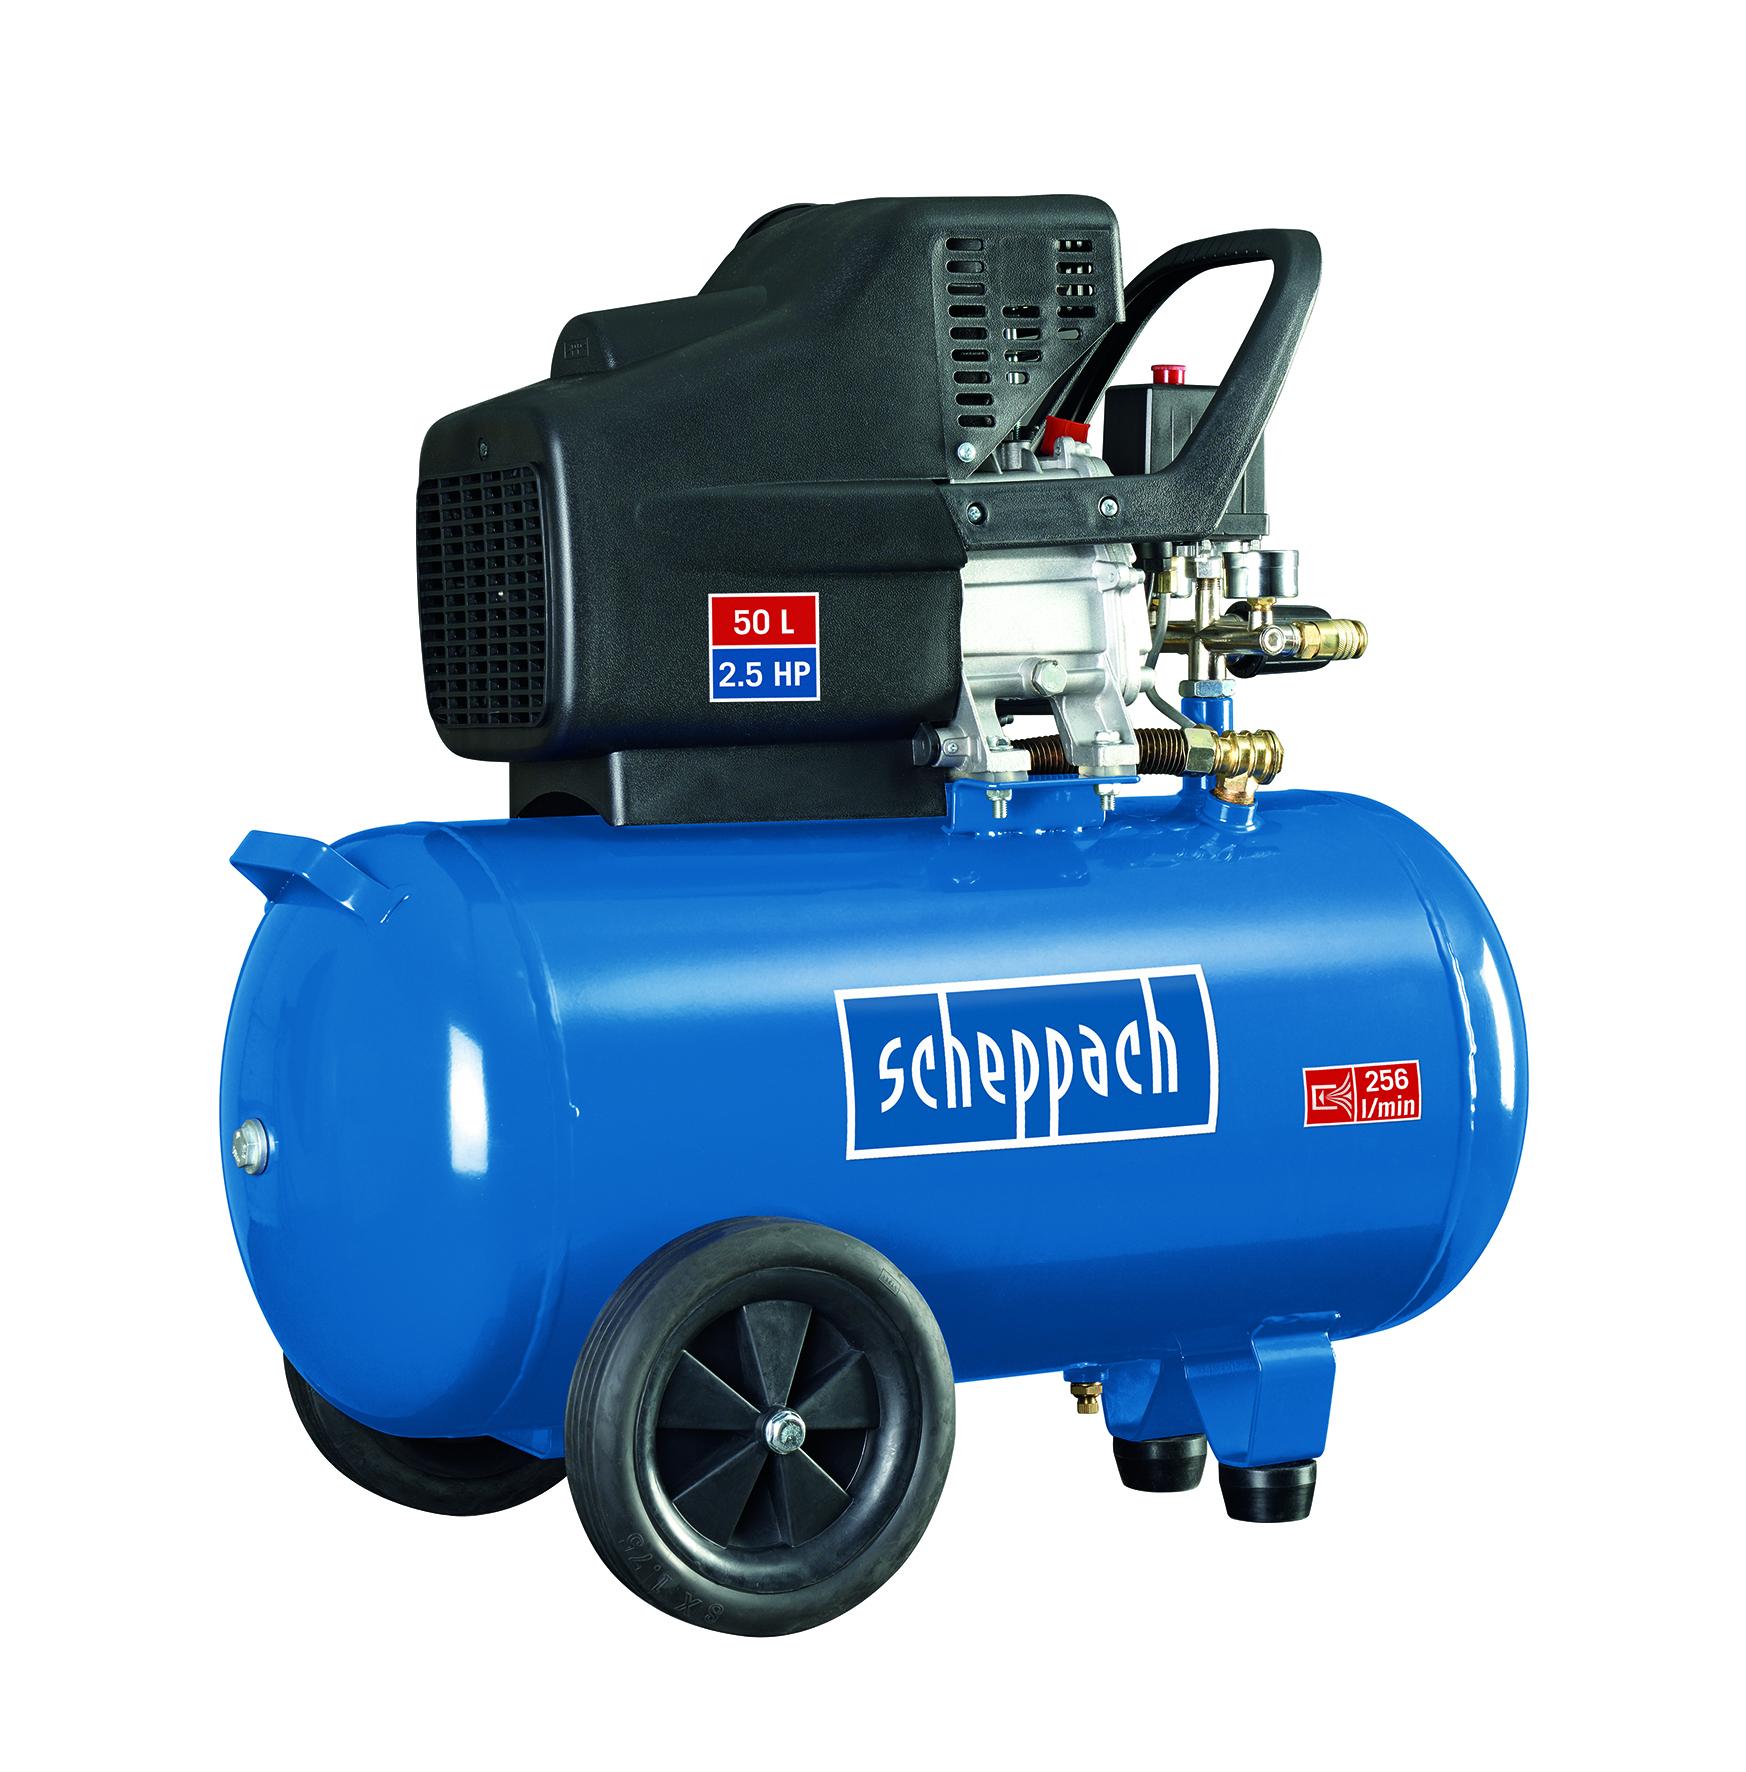 Scheppach HC 51 kompresszor (1,8kW, 50l, 10bar)